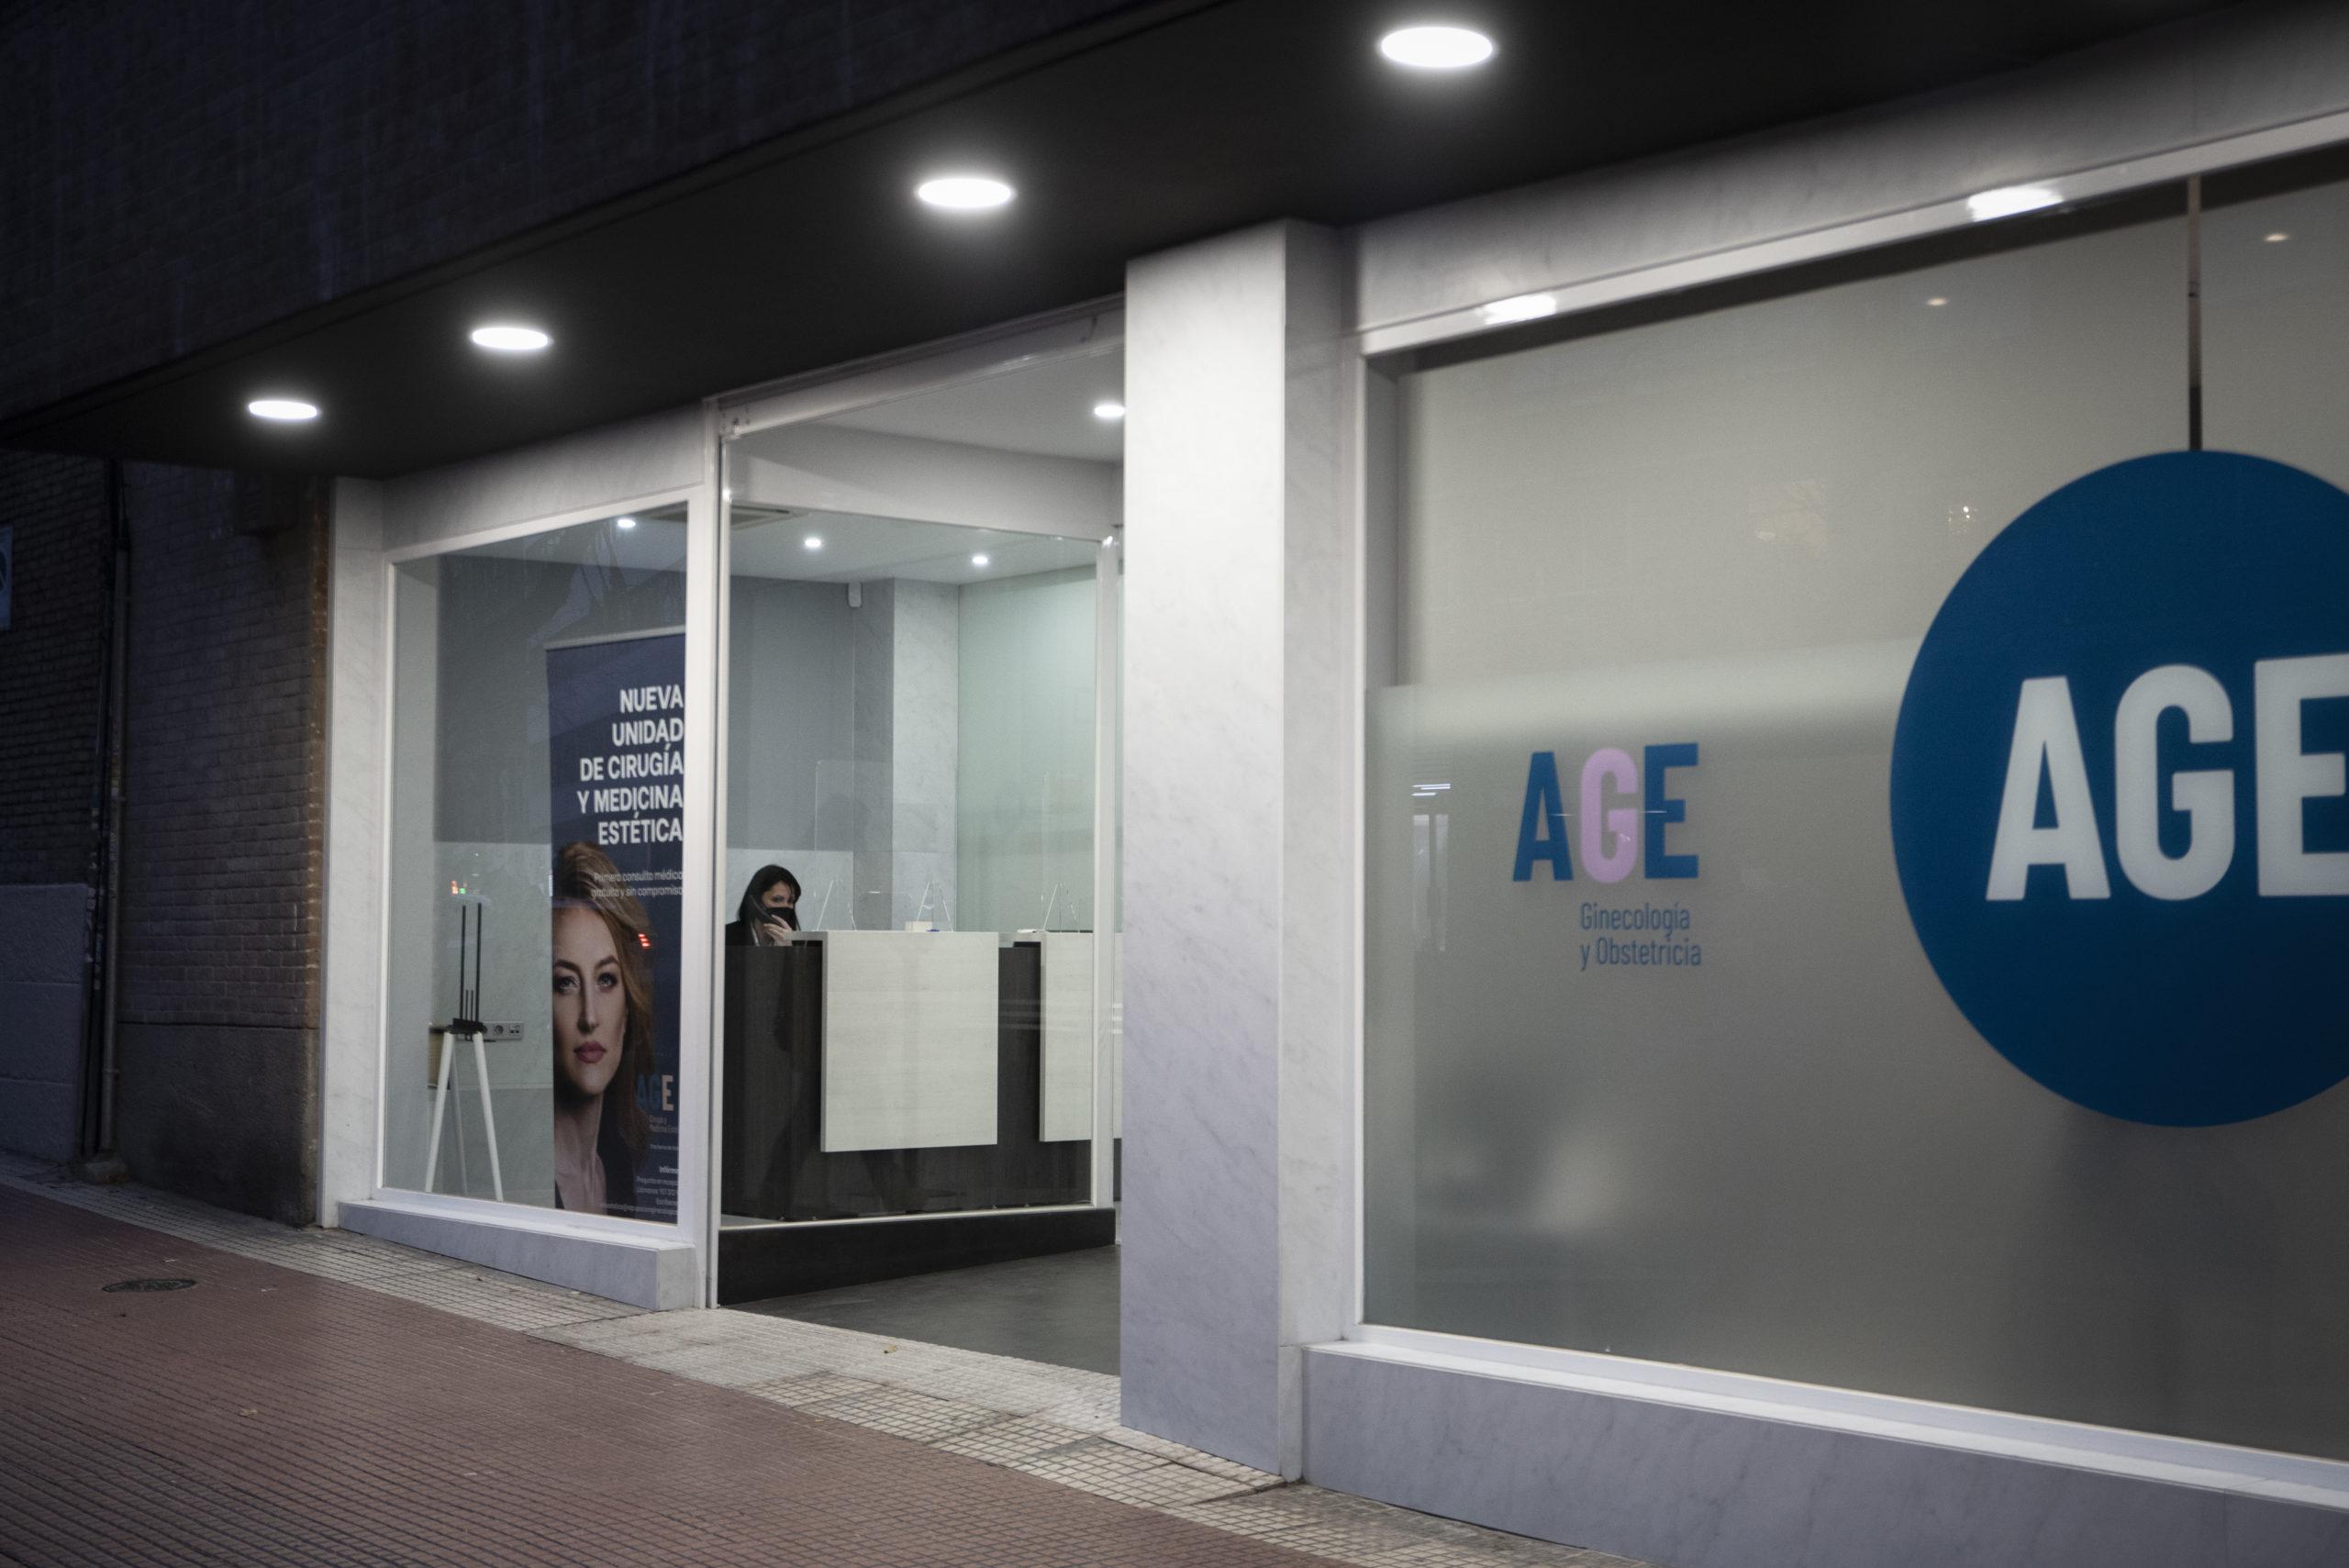 El Centro Médico AGE inaugura una unidad dedicada a la Cirugía y Medicina Estética